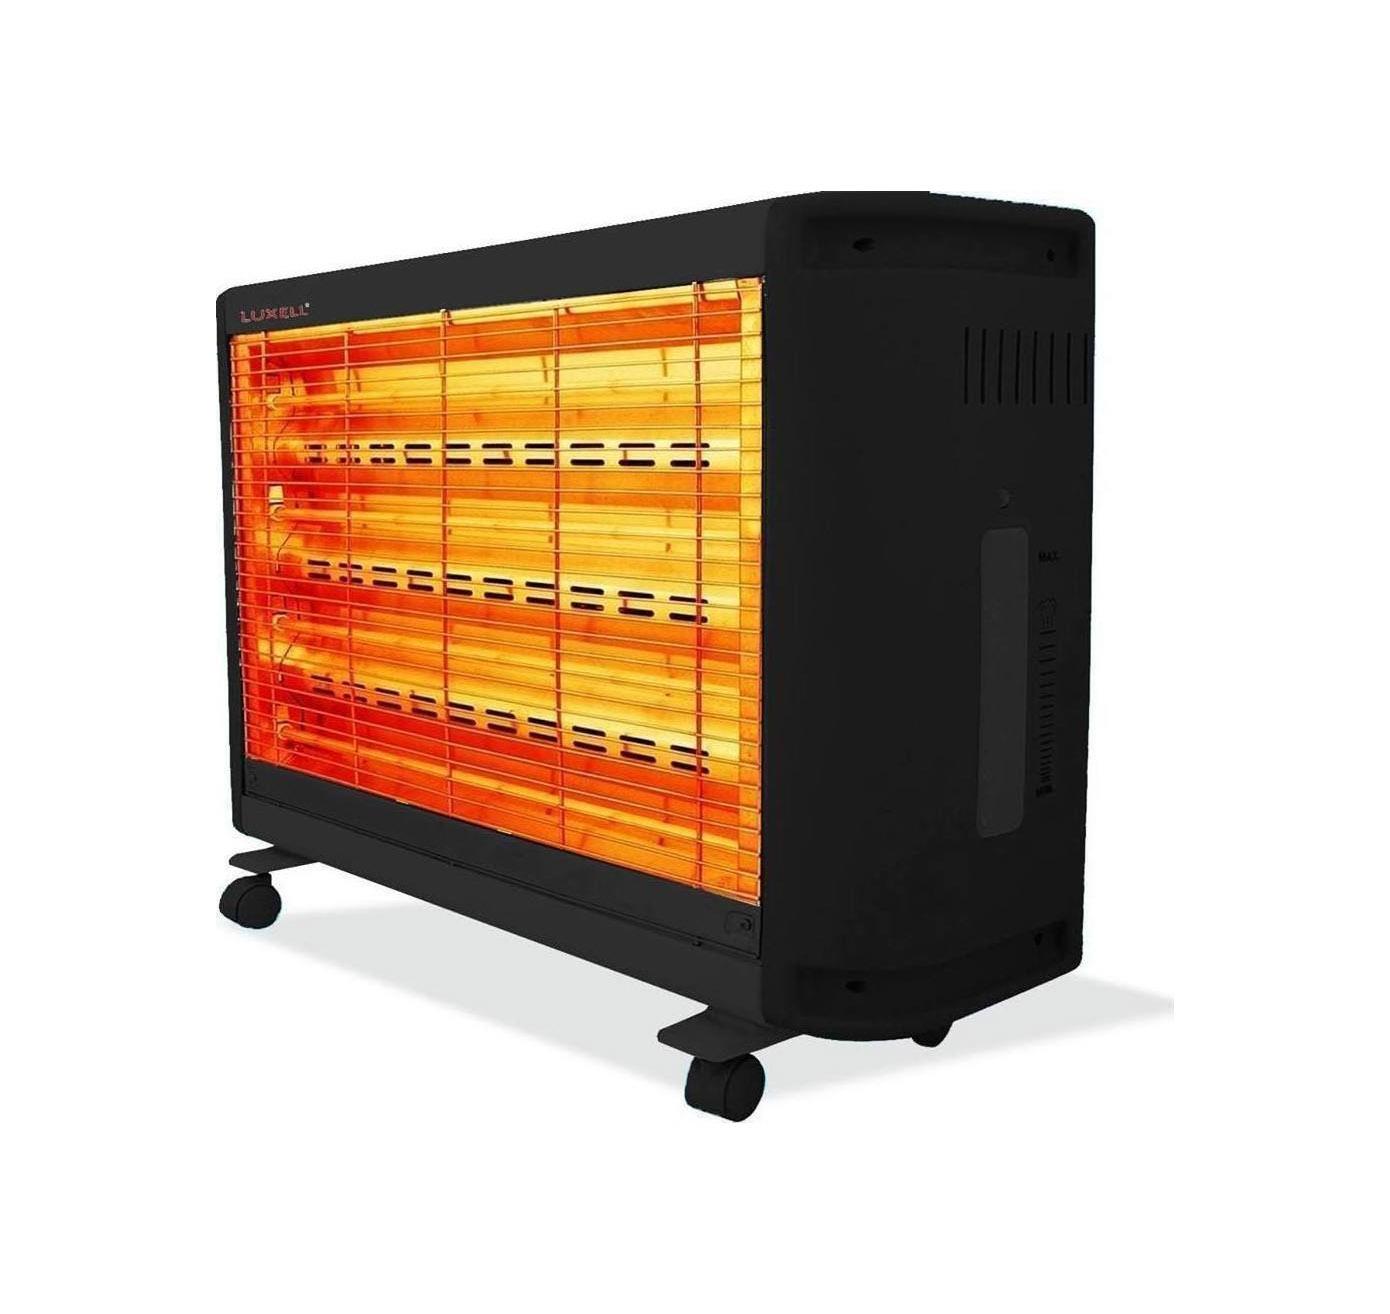 Ηλεκτρική Θερμάστρα Χαλαζία 2400W LUXELL LX-2811-4 (Πληρωμή έως 24 δόσεις)